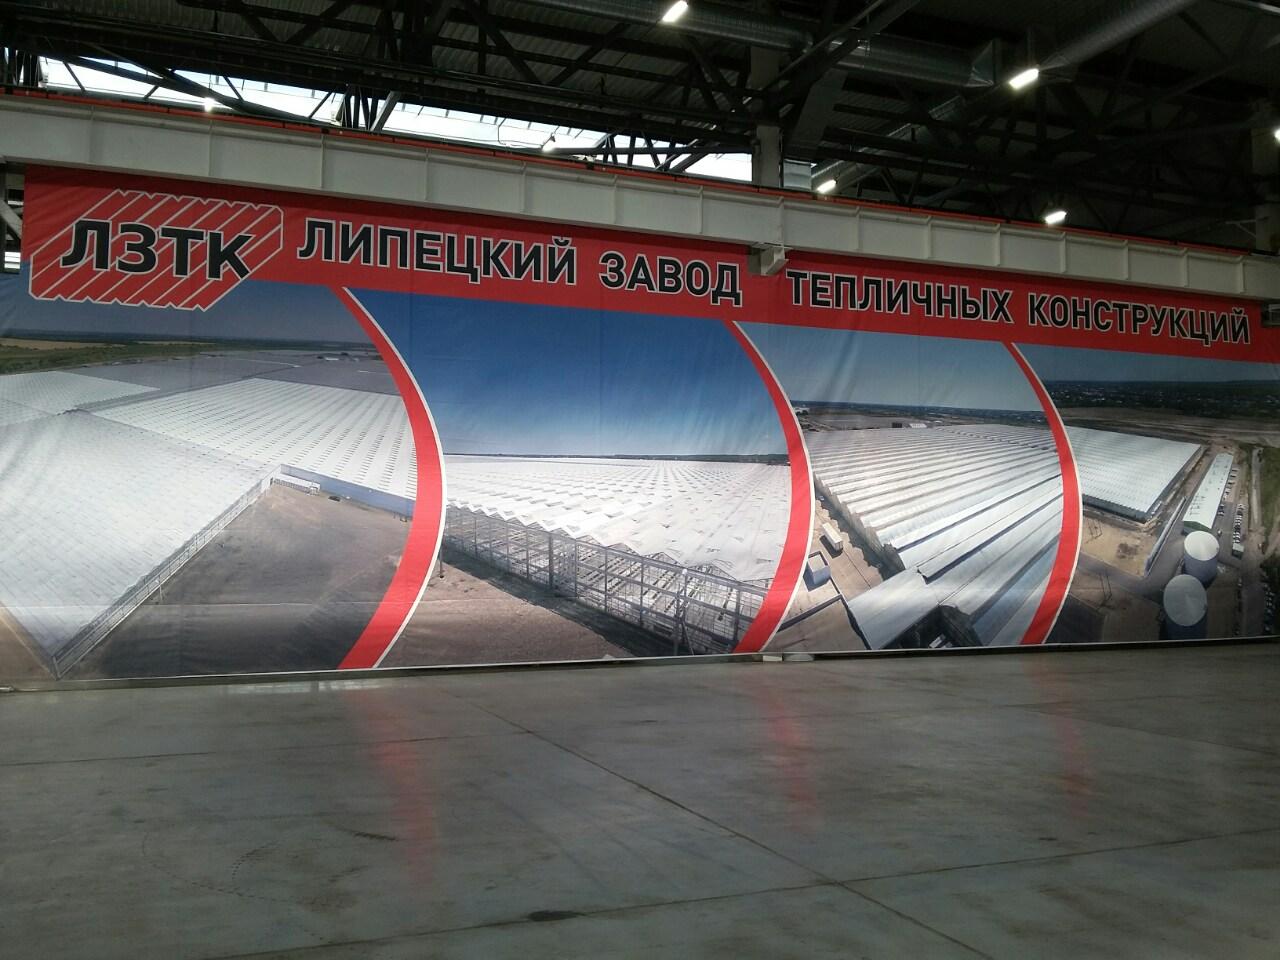 ВЛипецкой области открылся завод поизготовлению тепличных конструкций